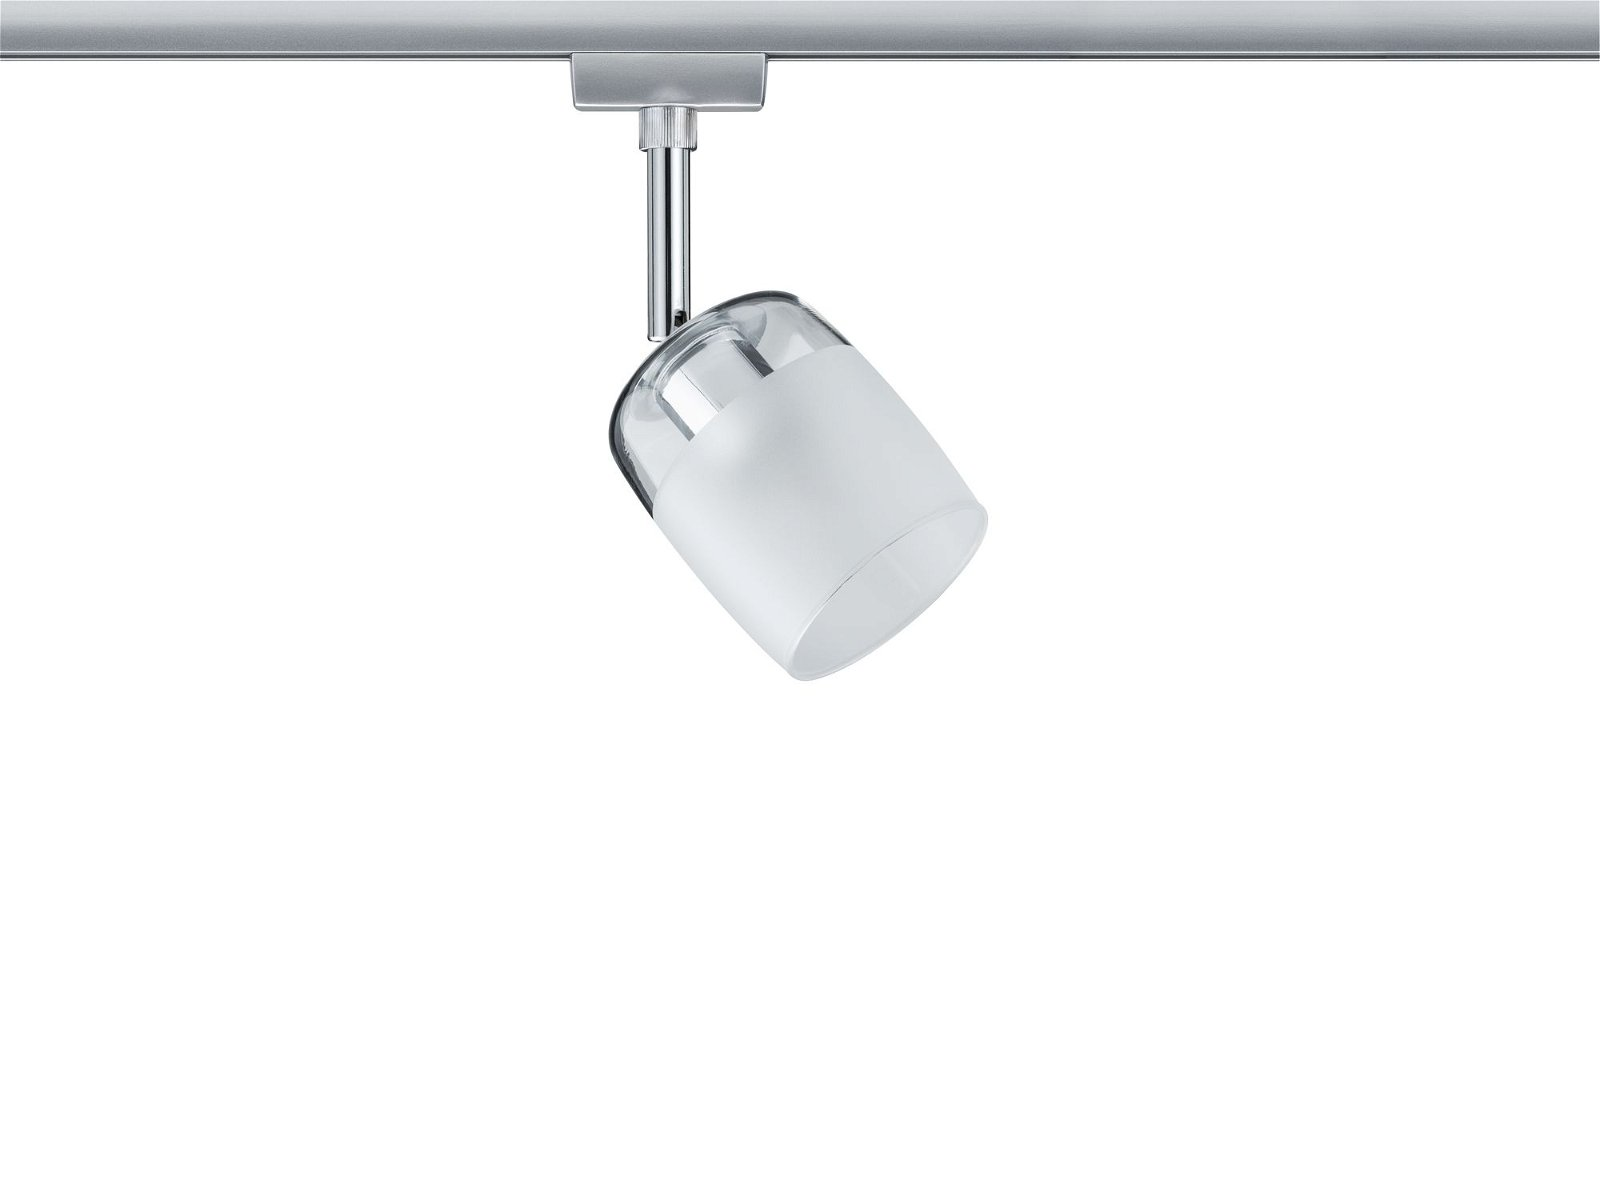 URail Schienenspot Blossom Einzelspot G9 max. 10W 230V Chrom matt/Klar/Satin